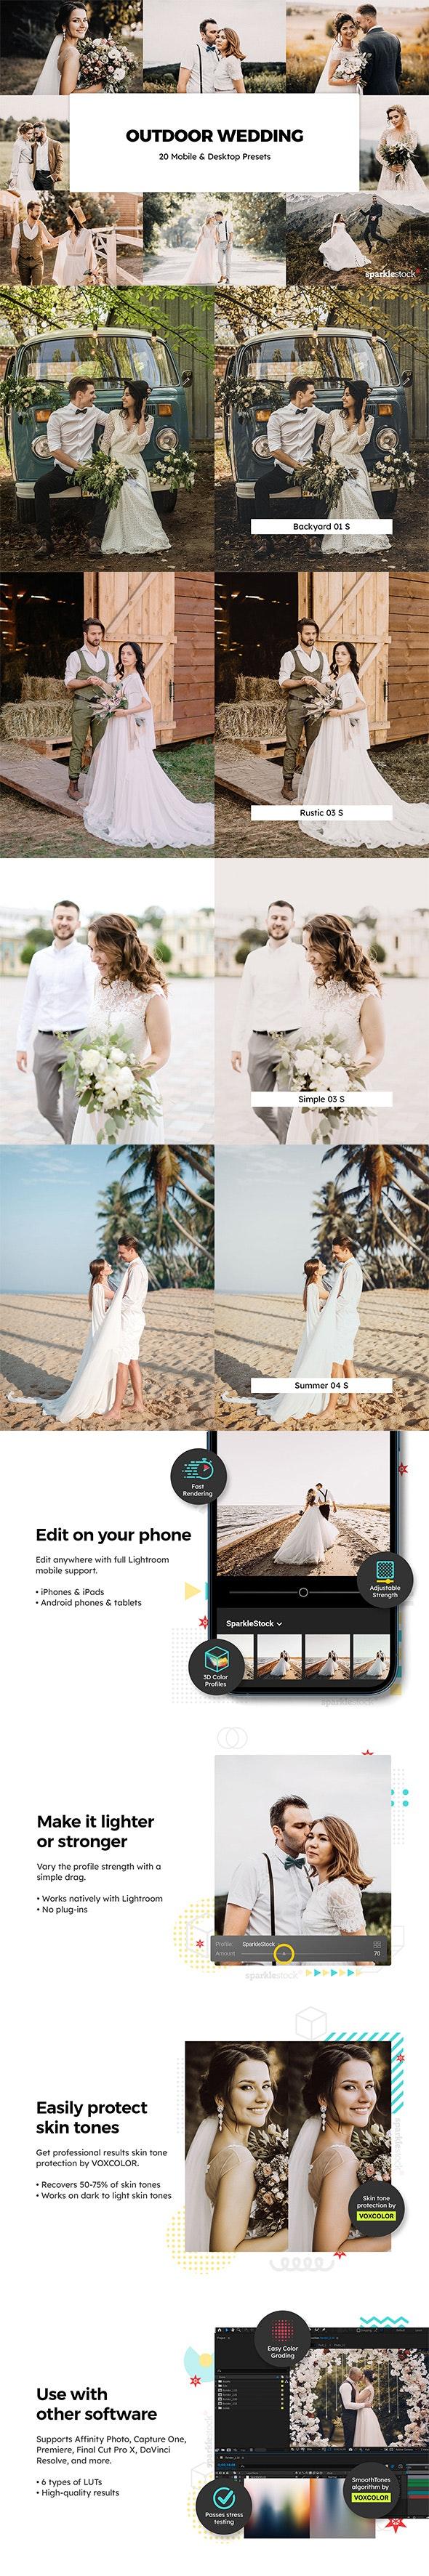 20 Outdoor Wedding Lightroom Presets & LUTs - Wedding Lightroom Presets